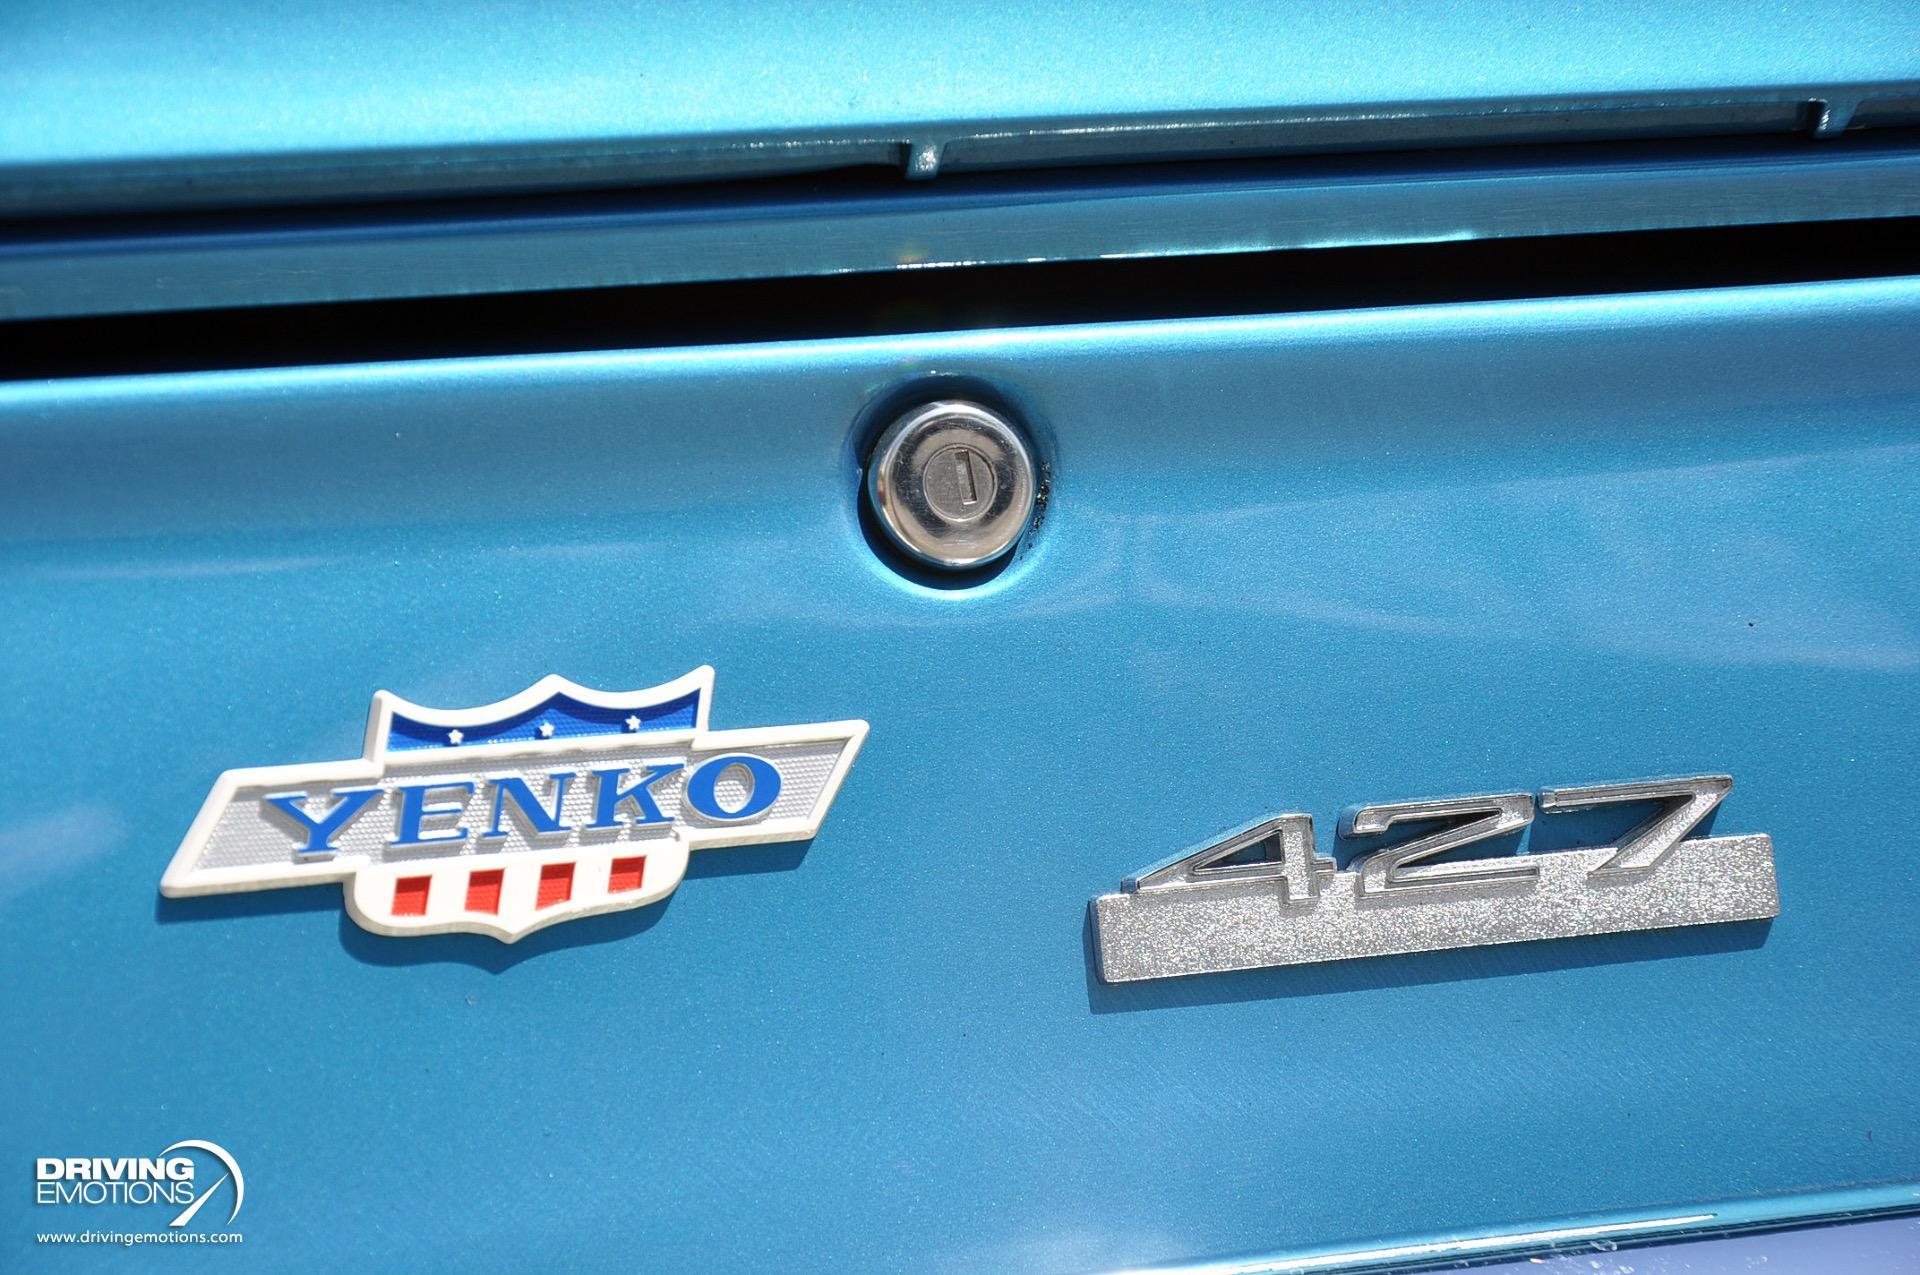 Used 1969 Chevrolet Camaro Yenko Tribute Clone Yenko Tribute | Lake Park, FL